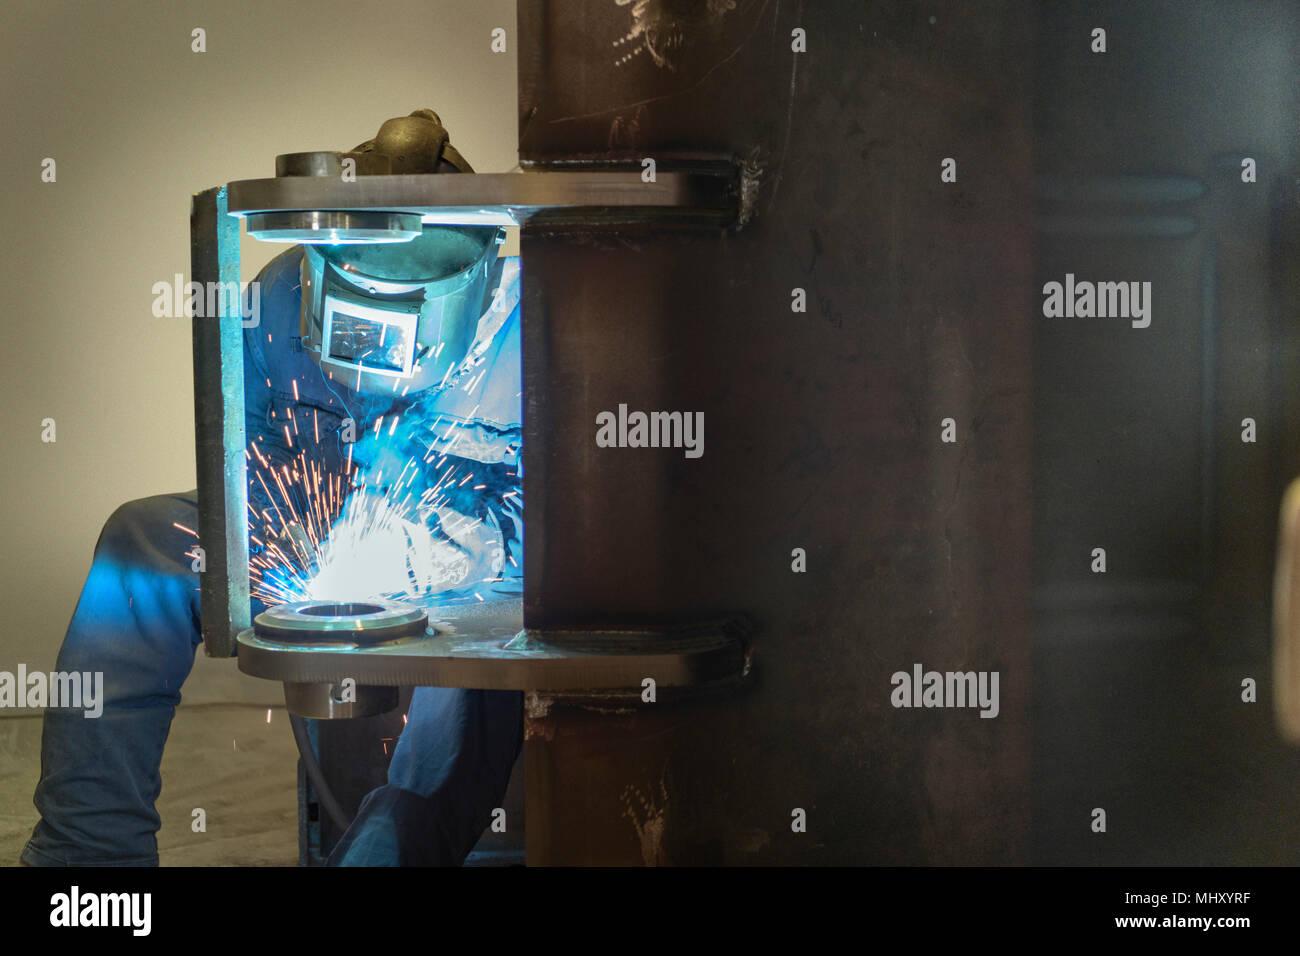 Welder welding part of digger bucket in engineering factory - Stock Image